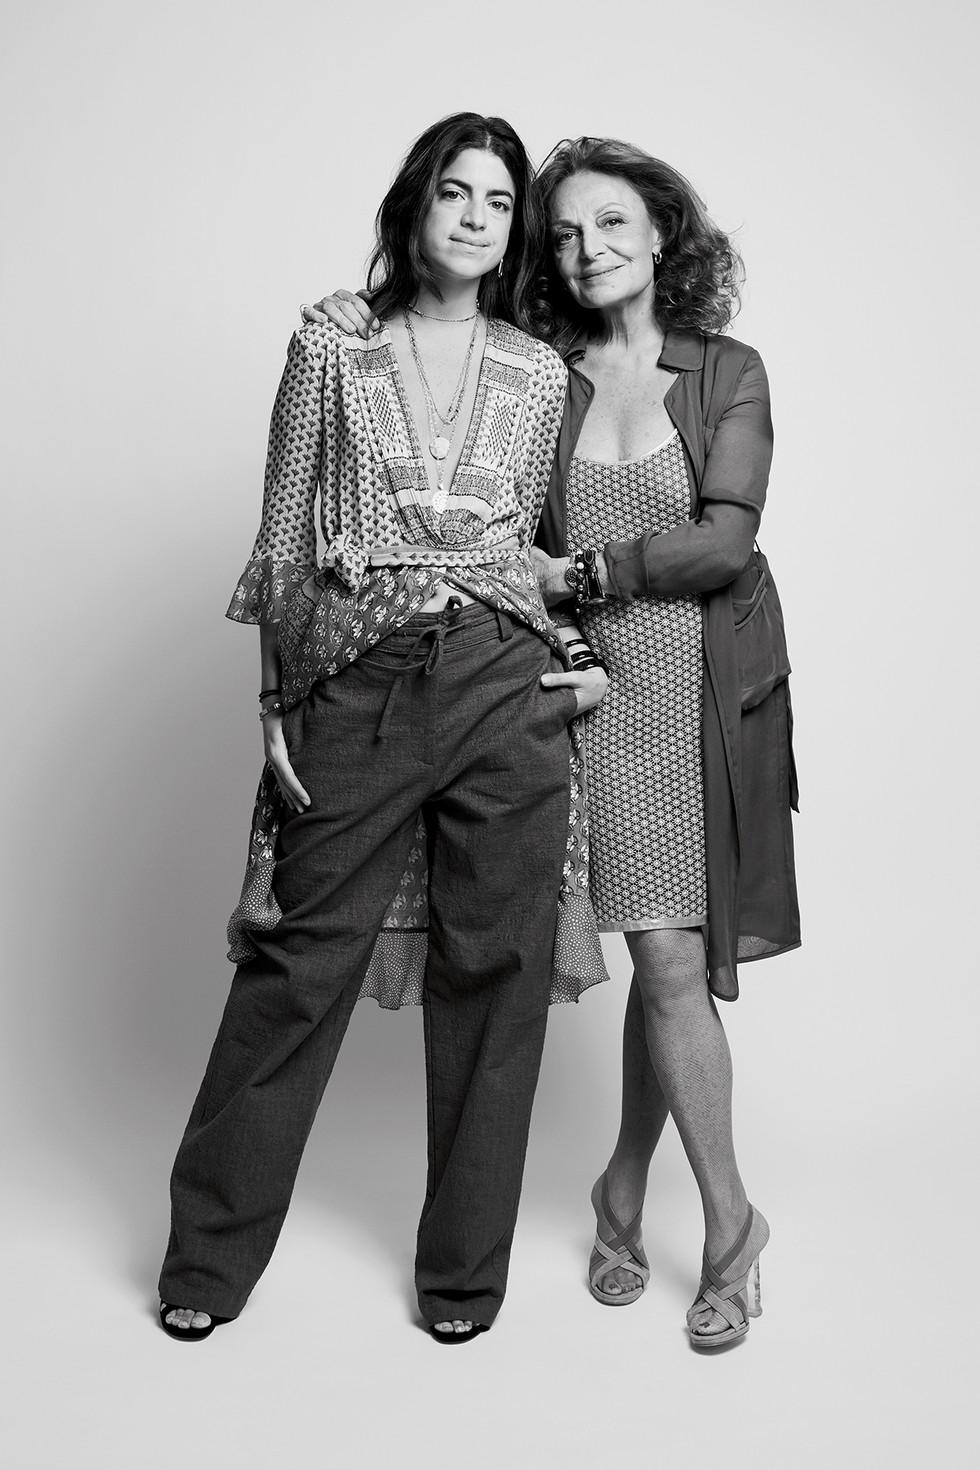 Lang Alum, Leandra Medine, in conversation with Diane Von Furstenberg